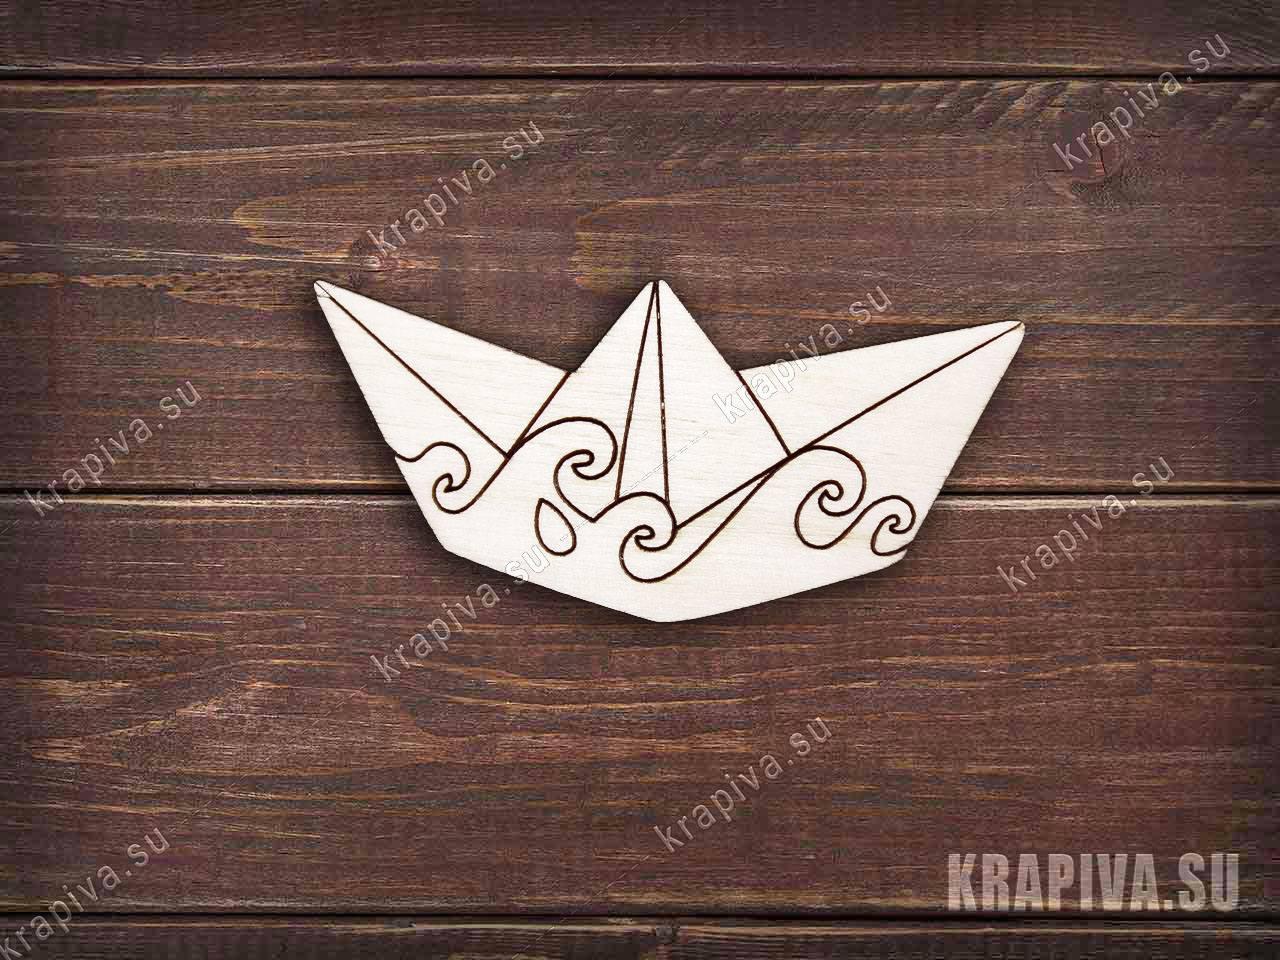 Заготовка значка Бумажный кораблик №2 из дерева (krapiva.su)